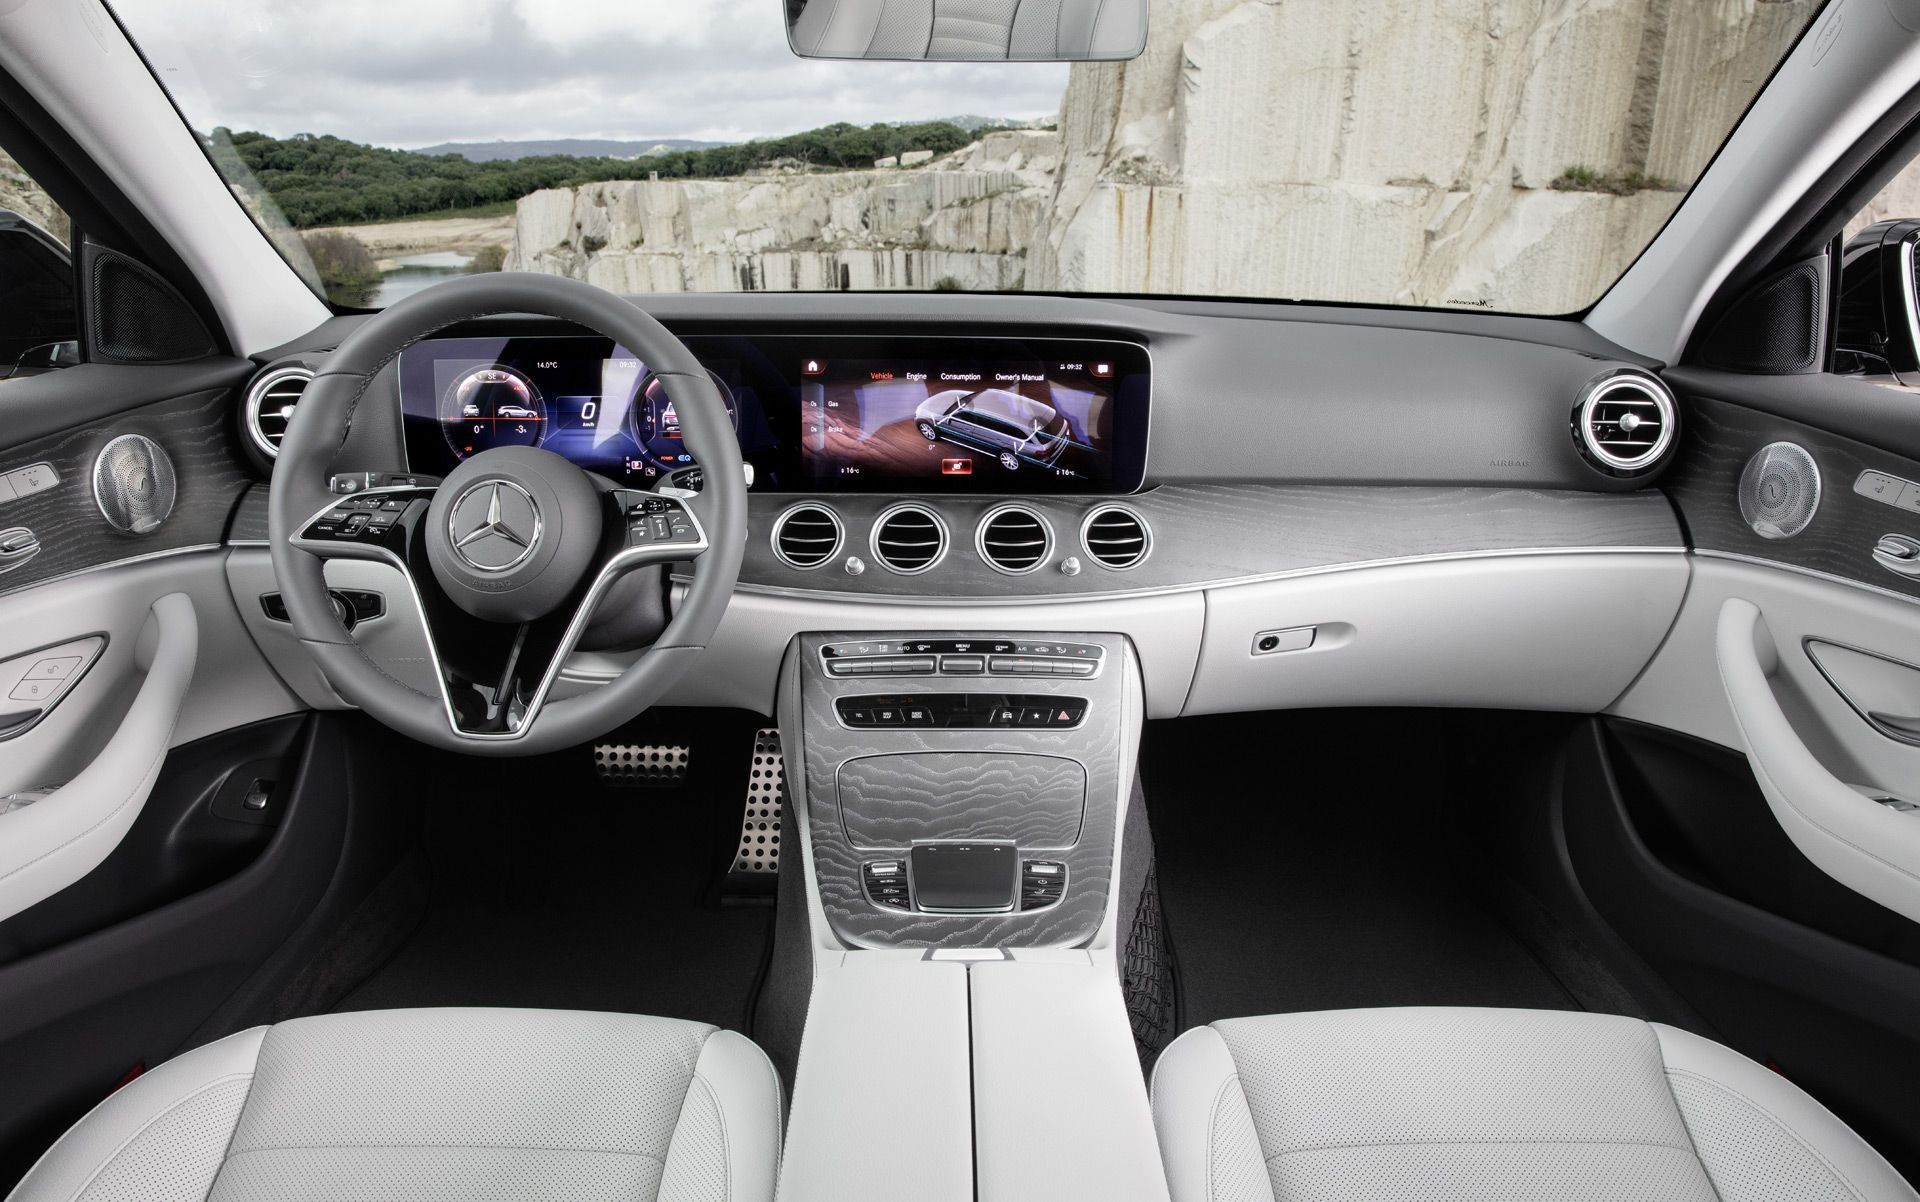 2021 Mercedes Benz E Class Preview In 2020 Benz E Class